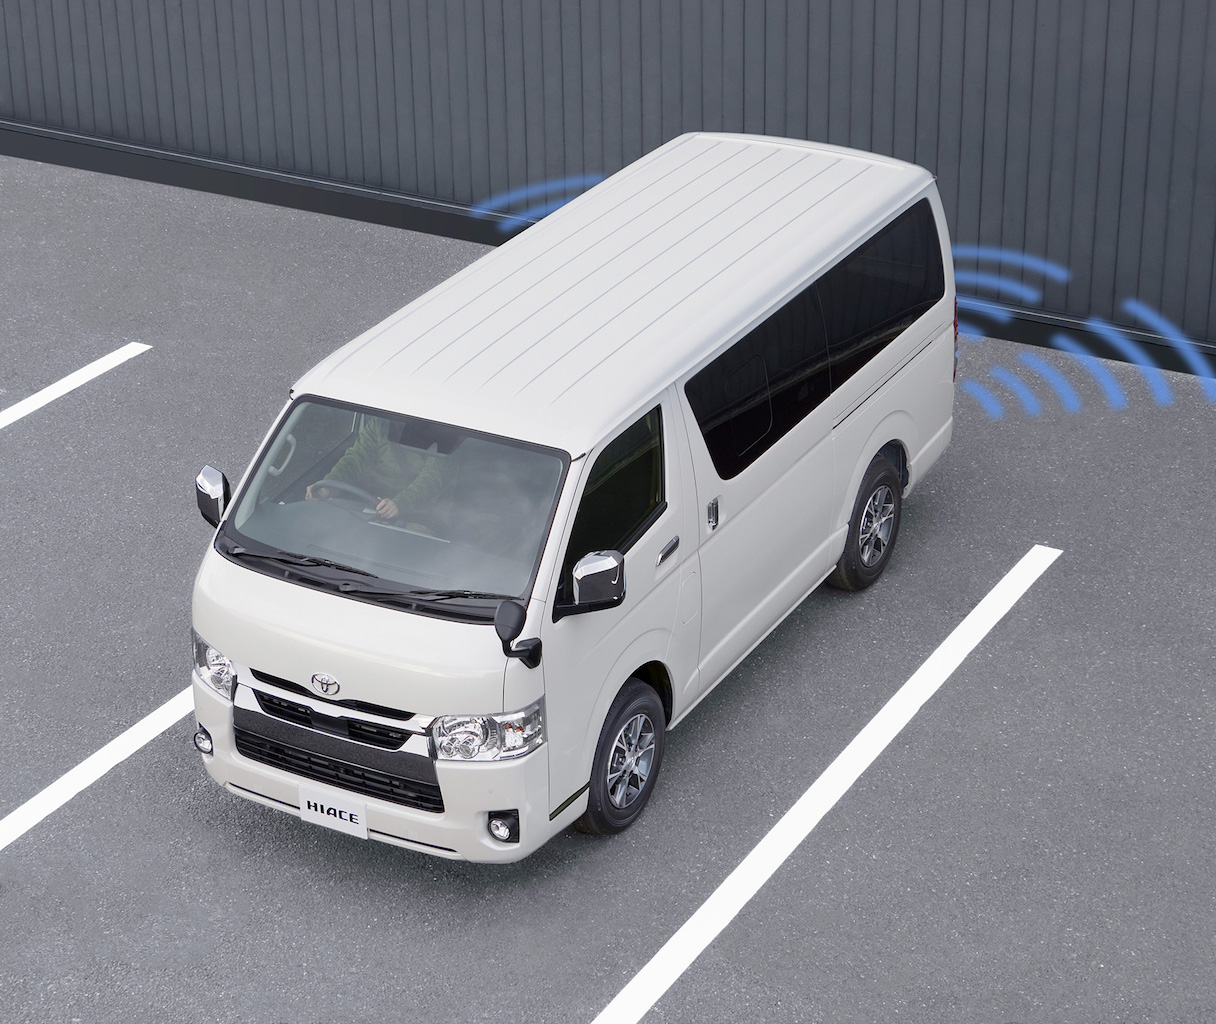 「トヨタ・ハイエースが一部改良。デジタルインナーミラー、パノラミックビューモニターなどを採用【新車】」の18枚目の画像